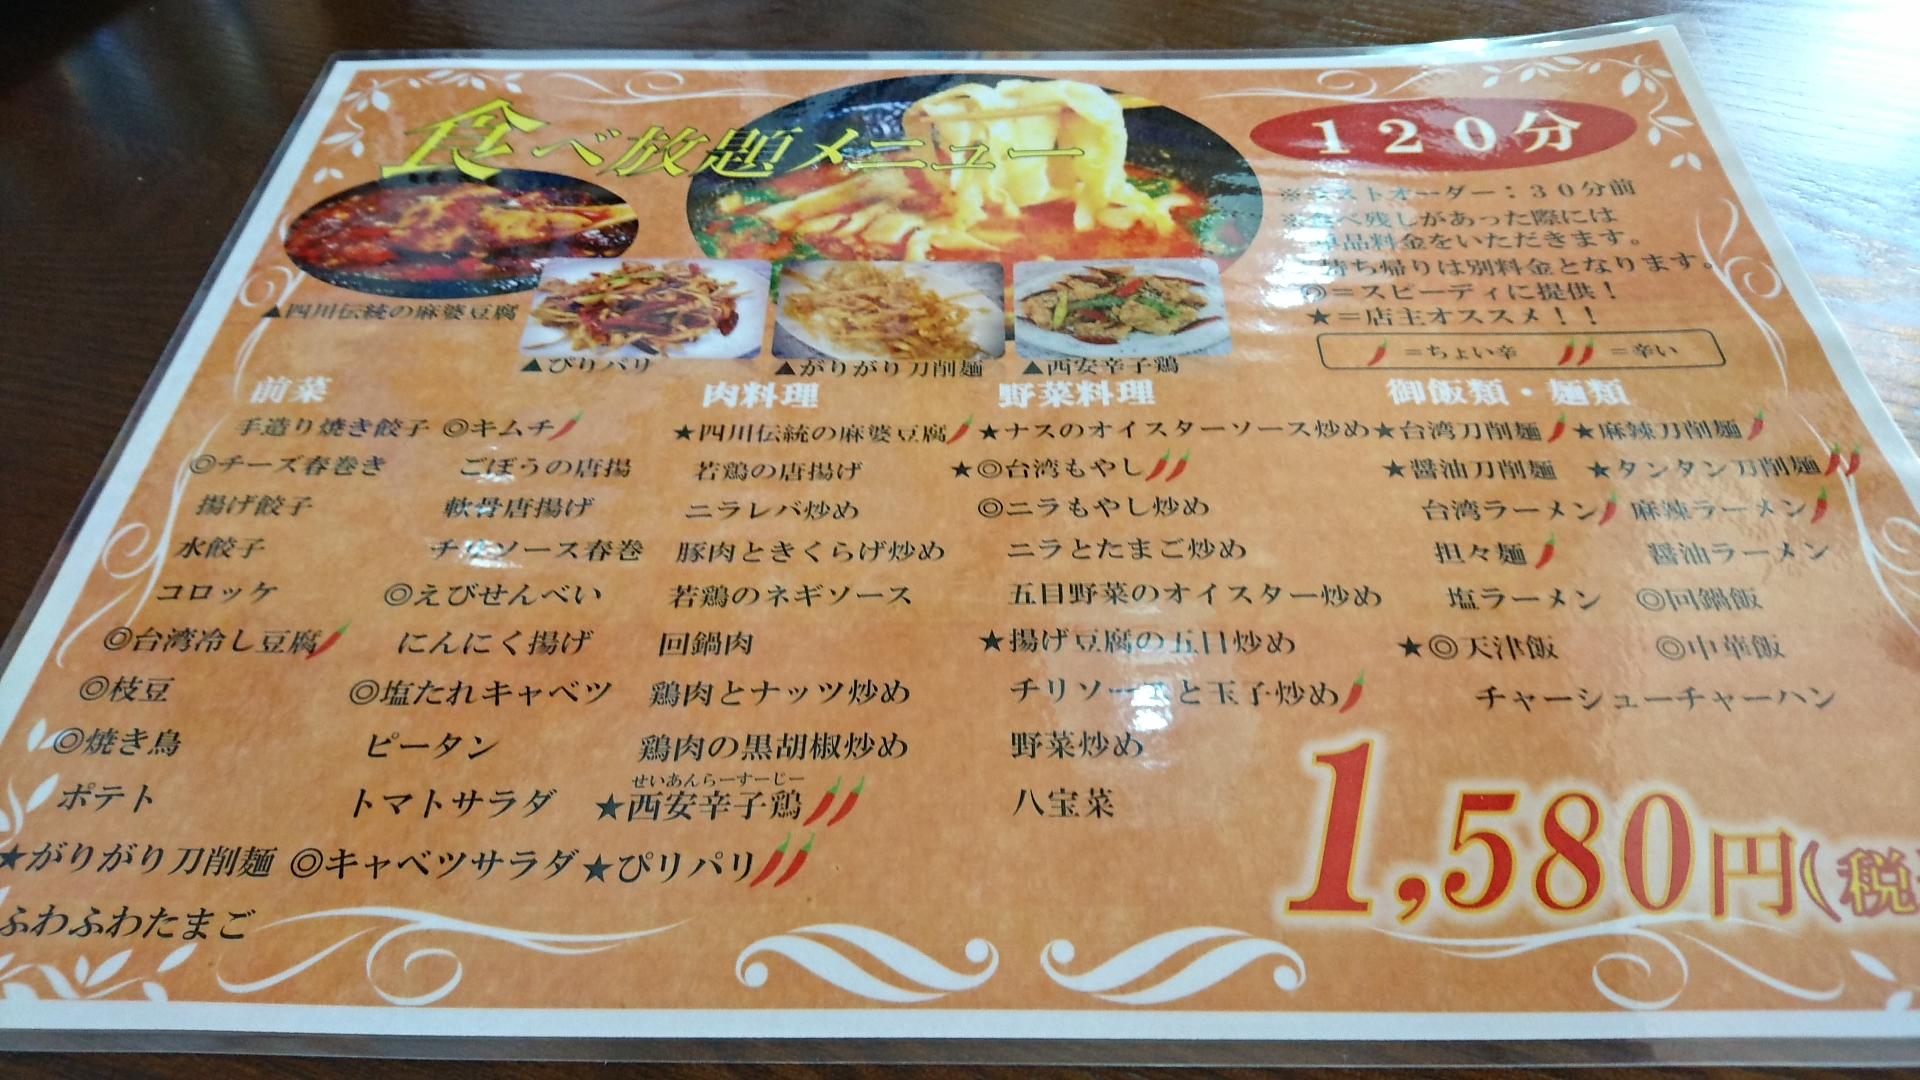 2017.9.21 福来源 (1) 1,580円たべほうだい